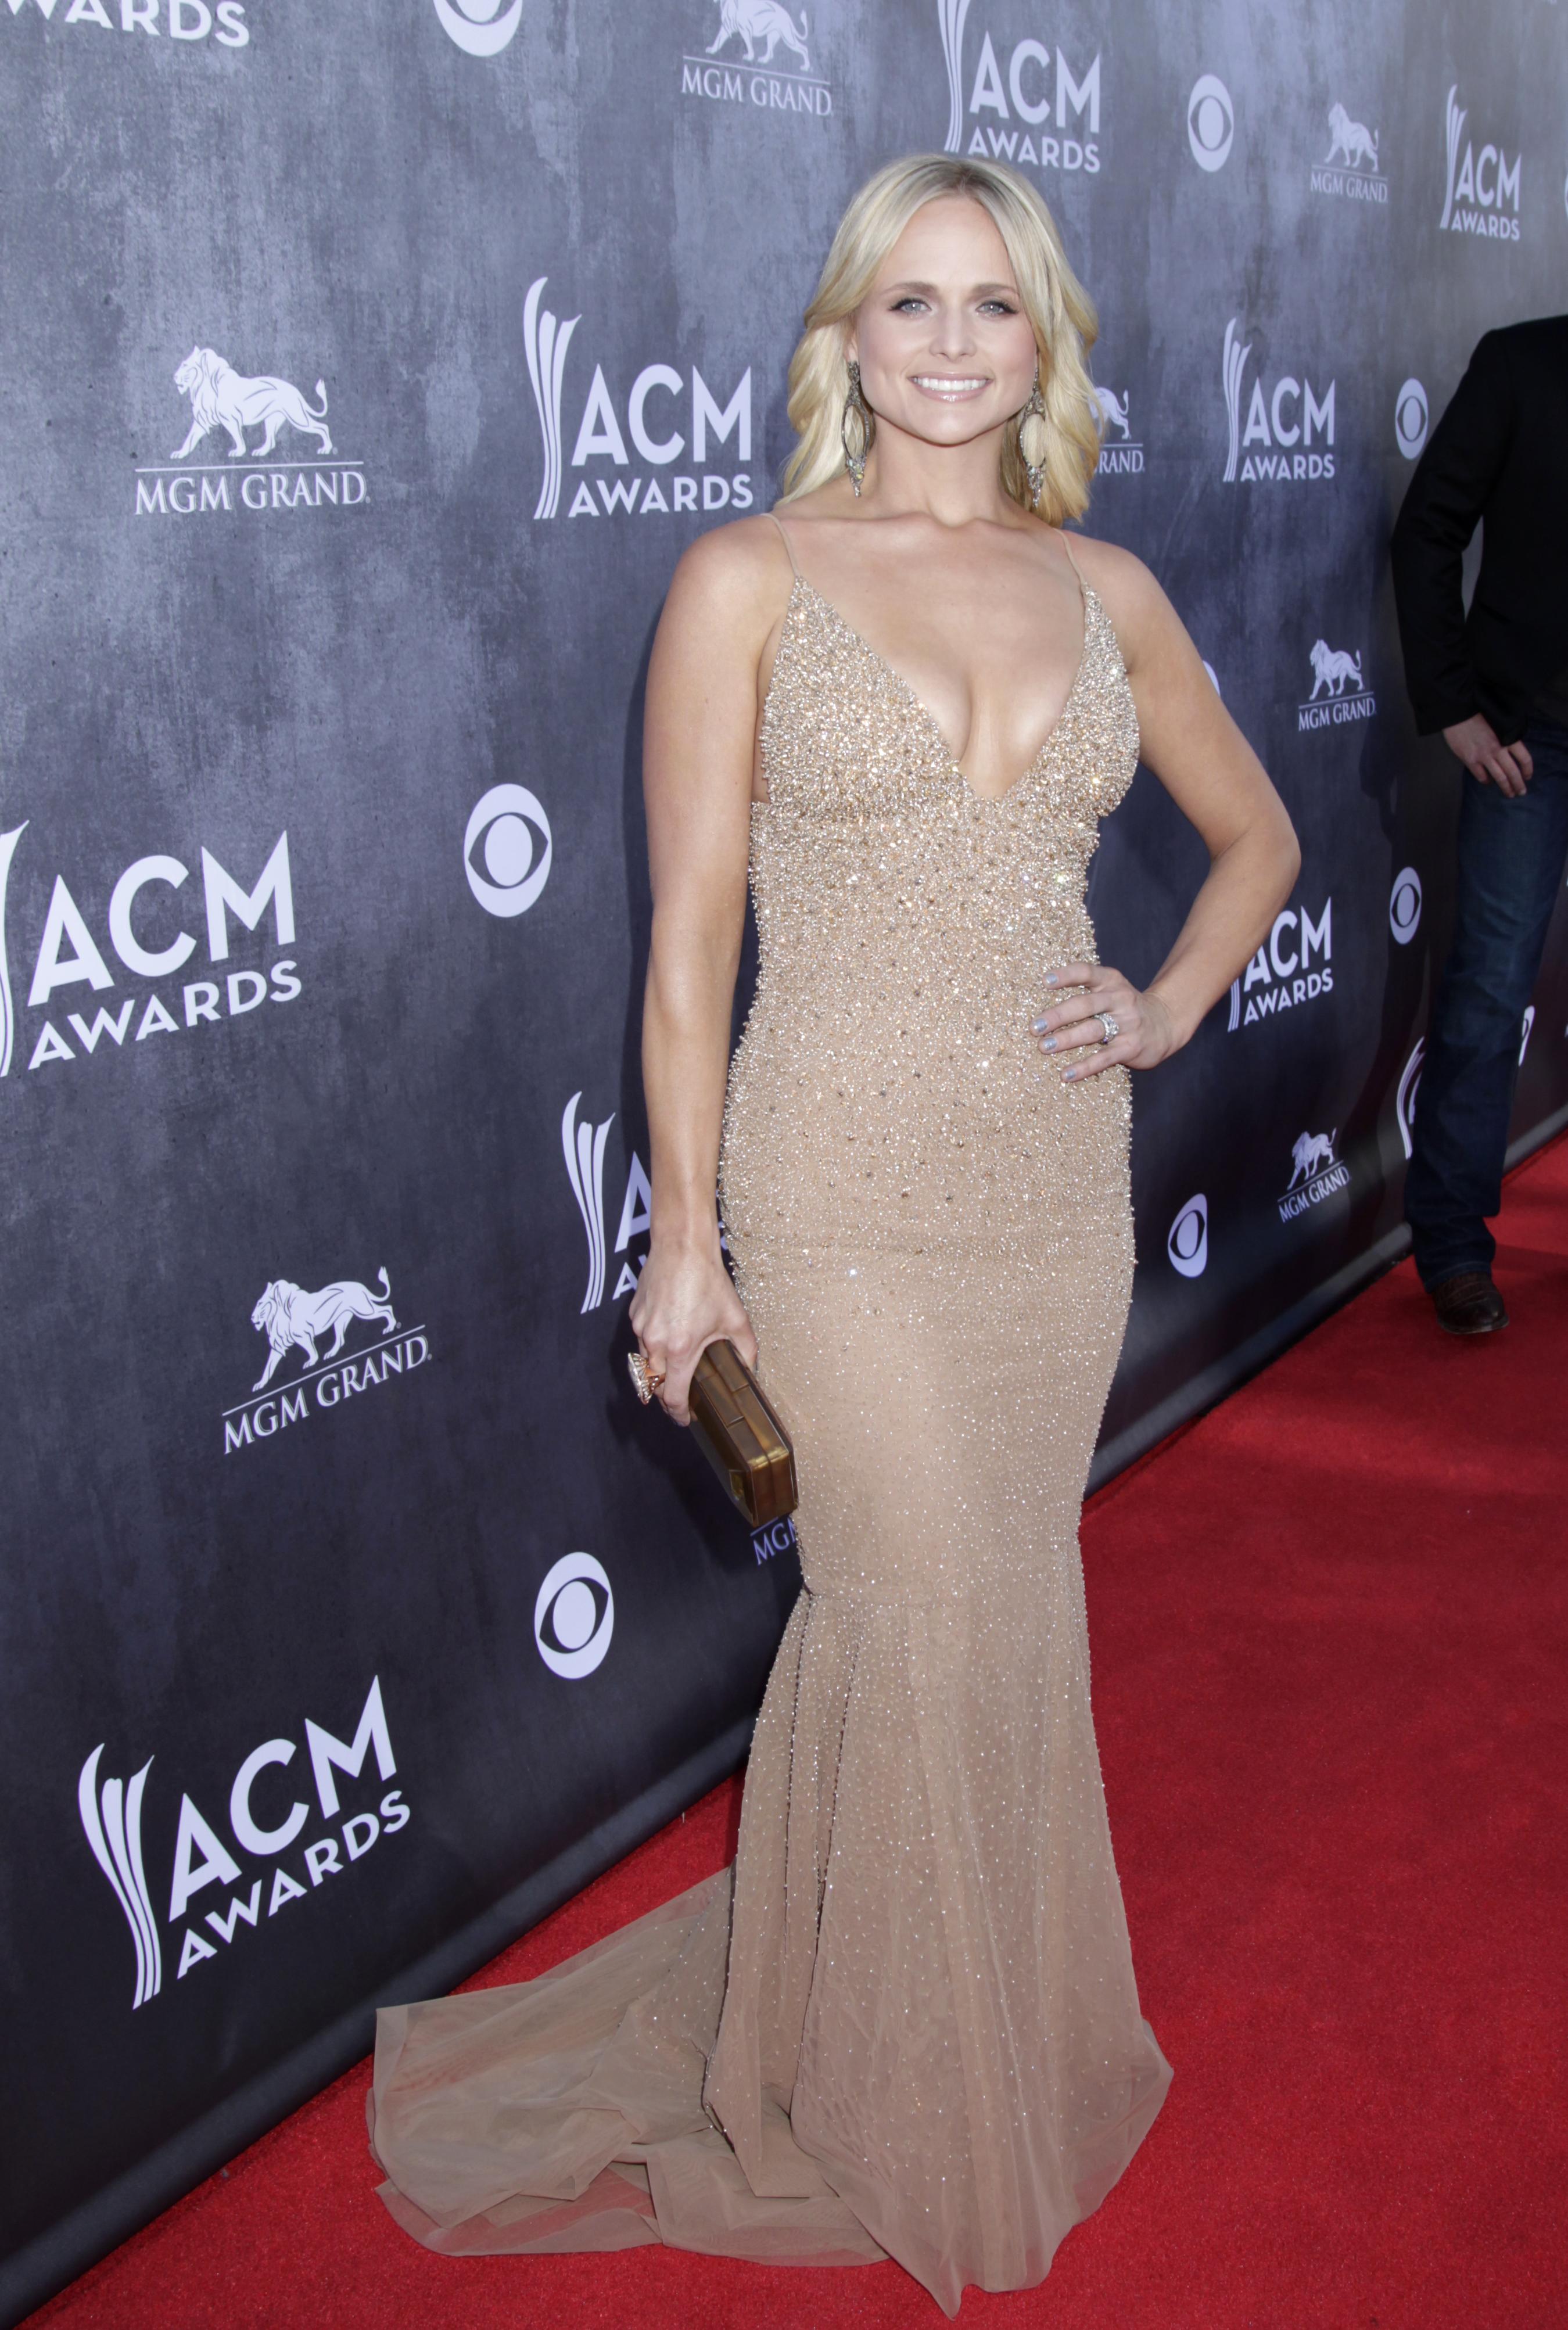 Miranda Lambert Performs - 49th ACM Awards